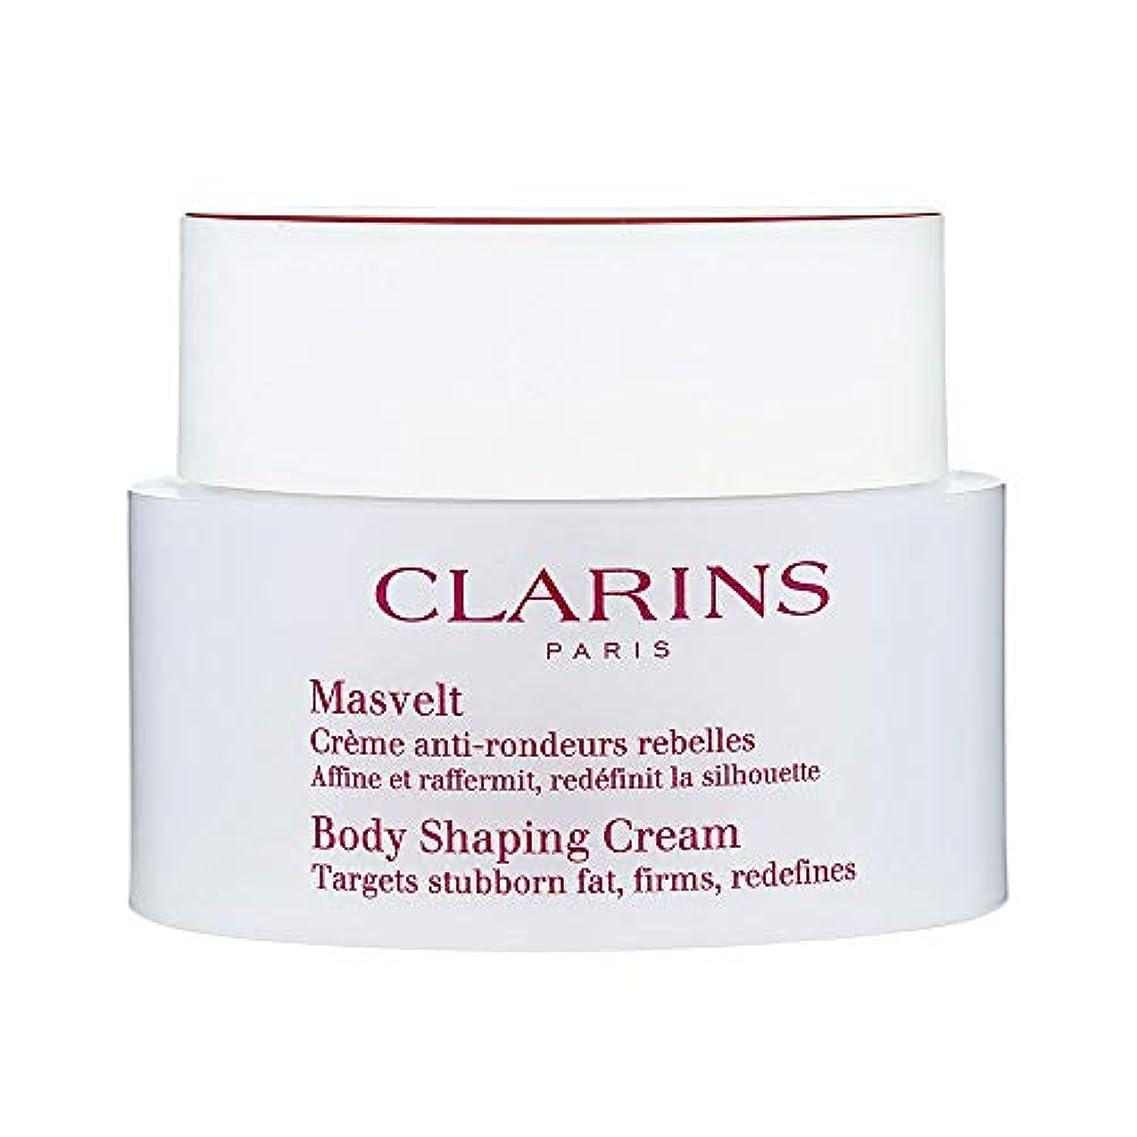 抹消一節信頼性のあるクラランス (CLARINS) クレーム マスヴェルト 200ml [並行輸入品]